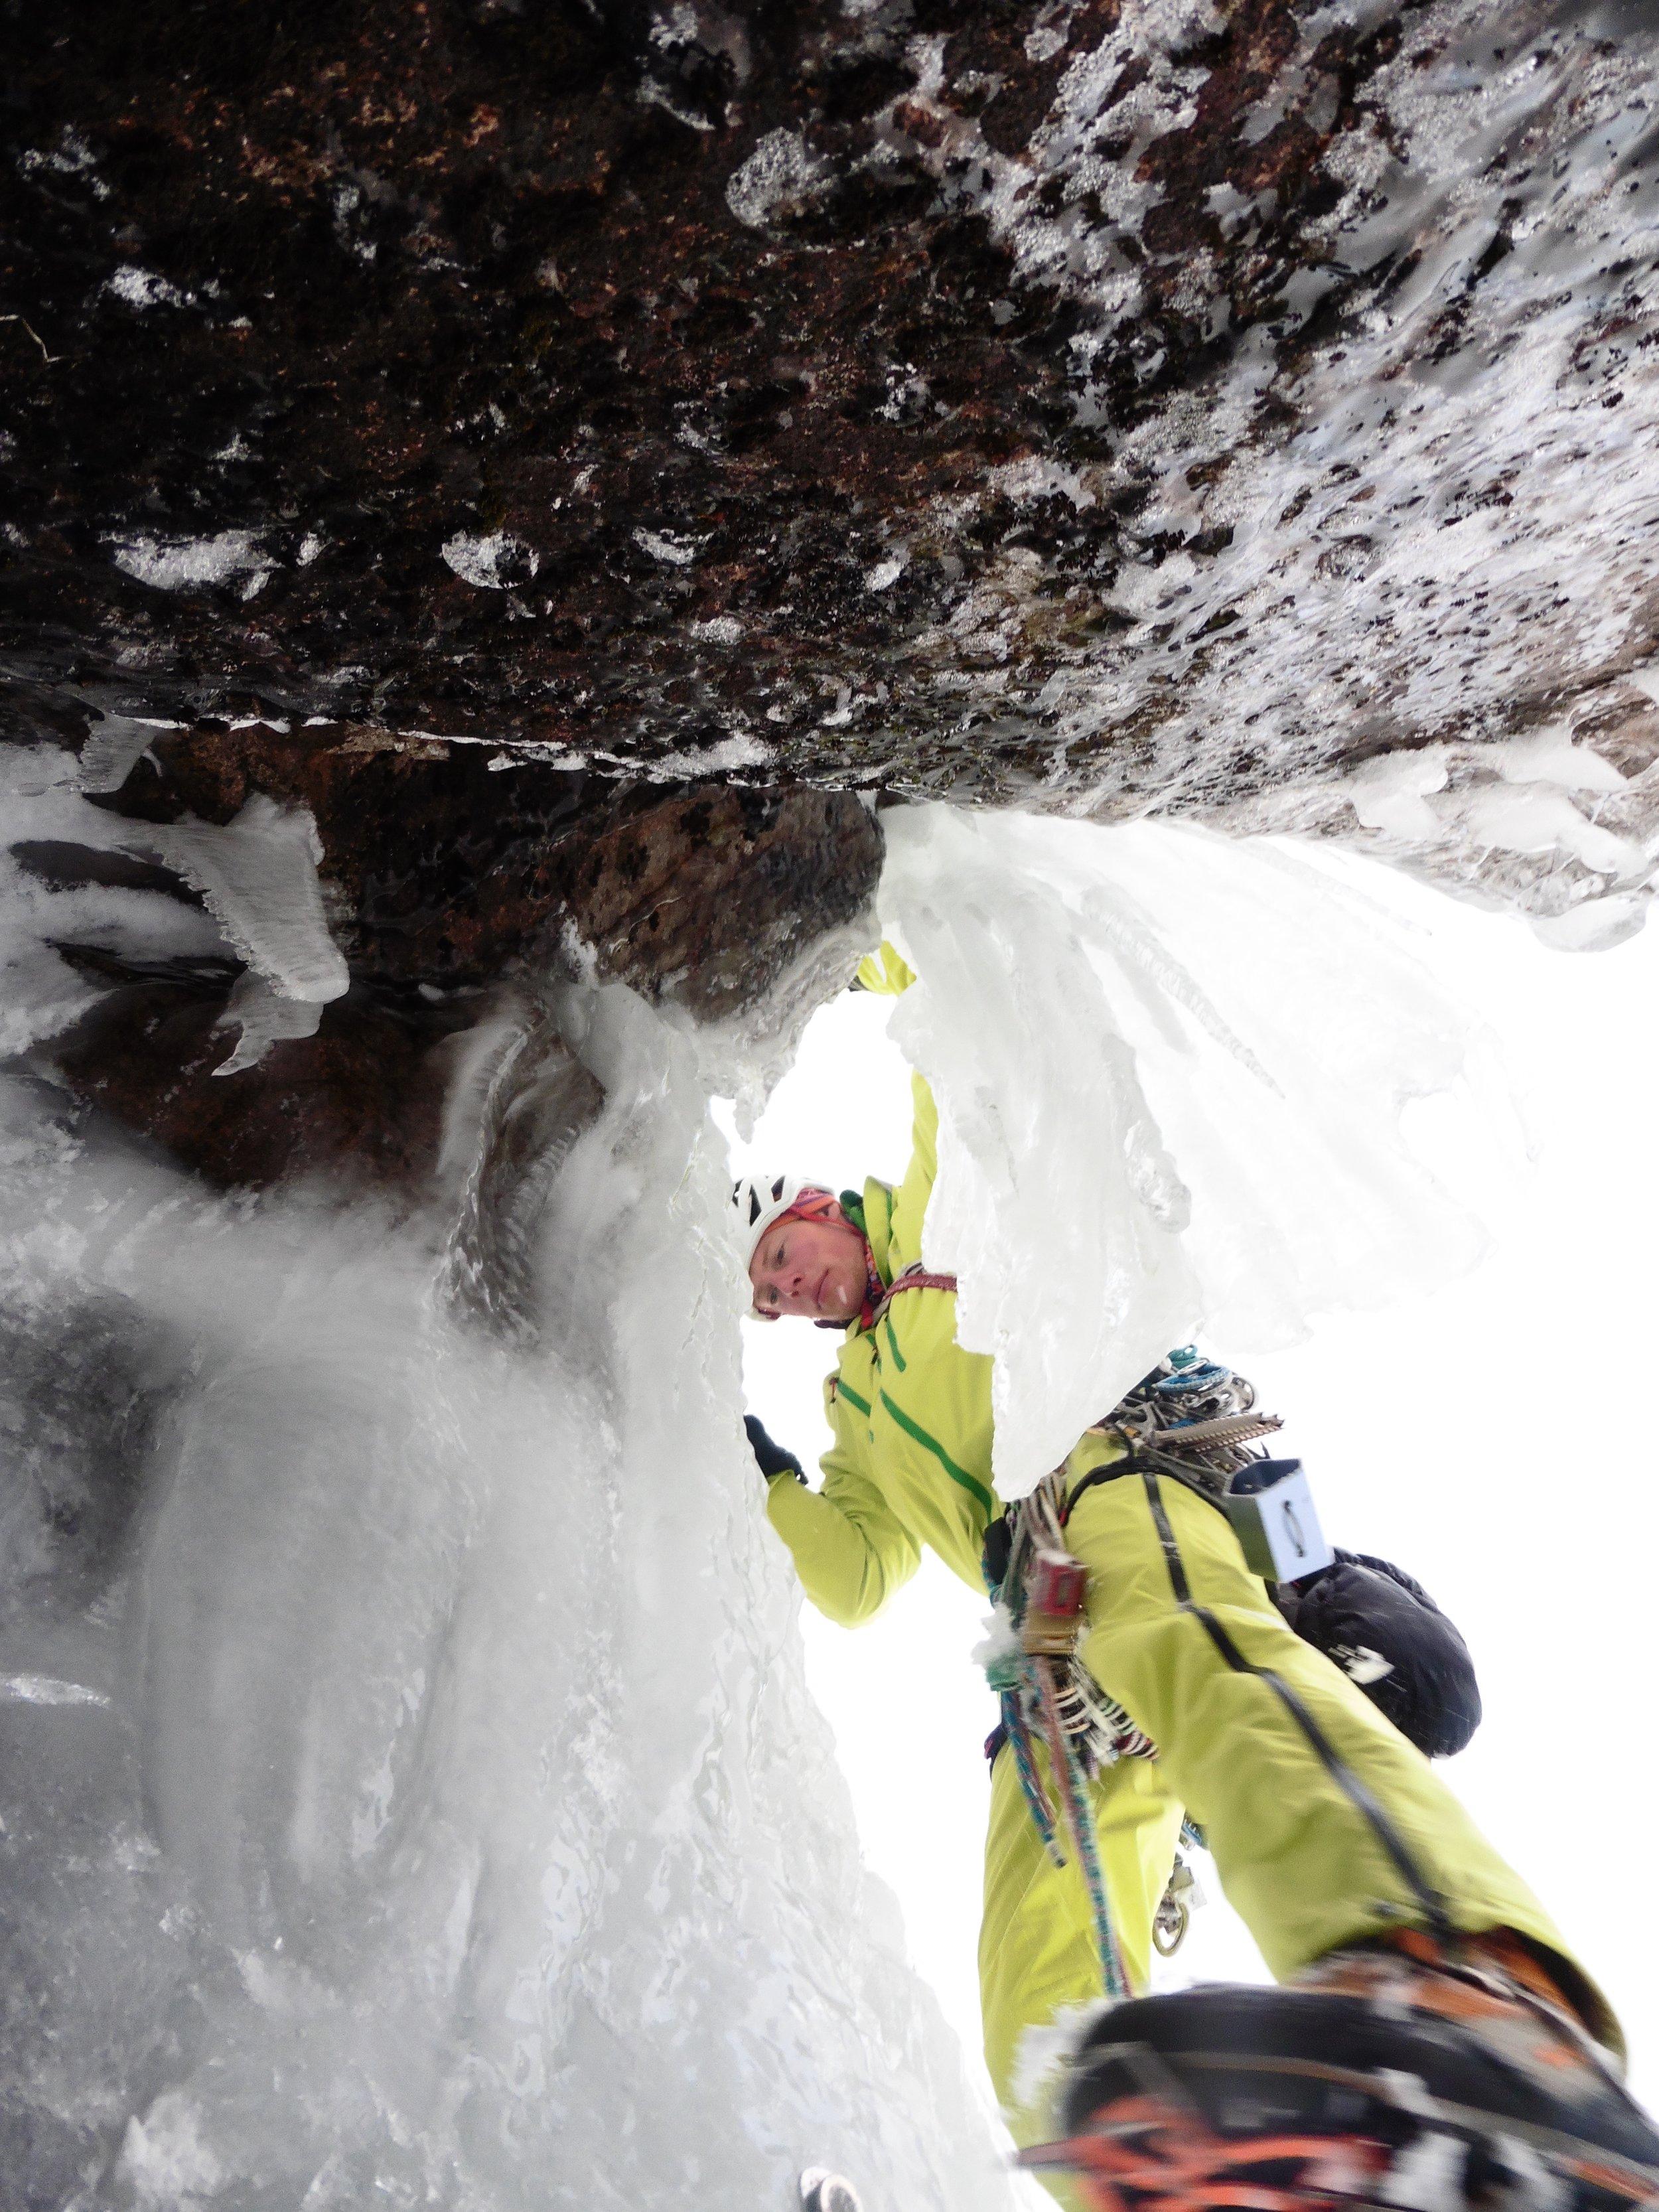 The Vaporiser (VIII, 8). Second ascent. Photo: Uisdean Hawthorn